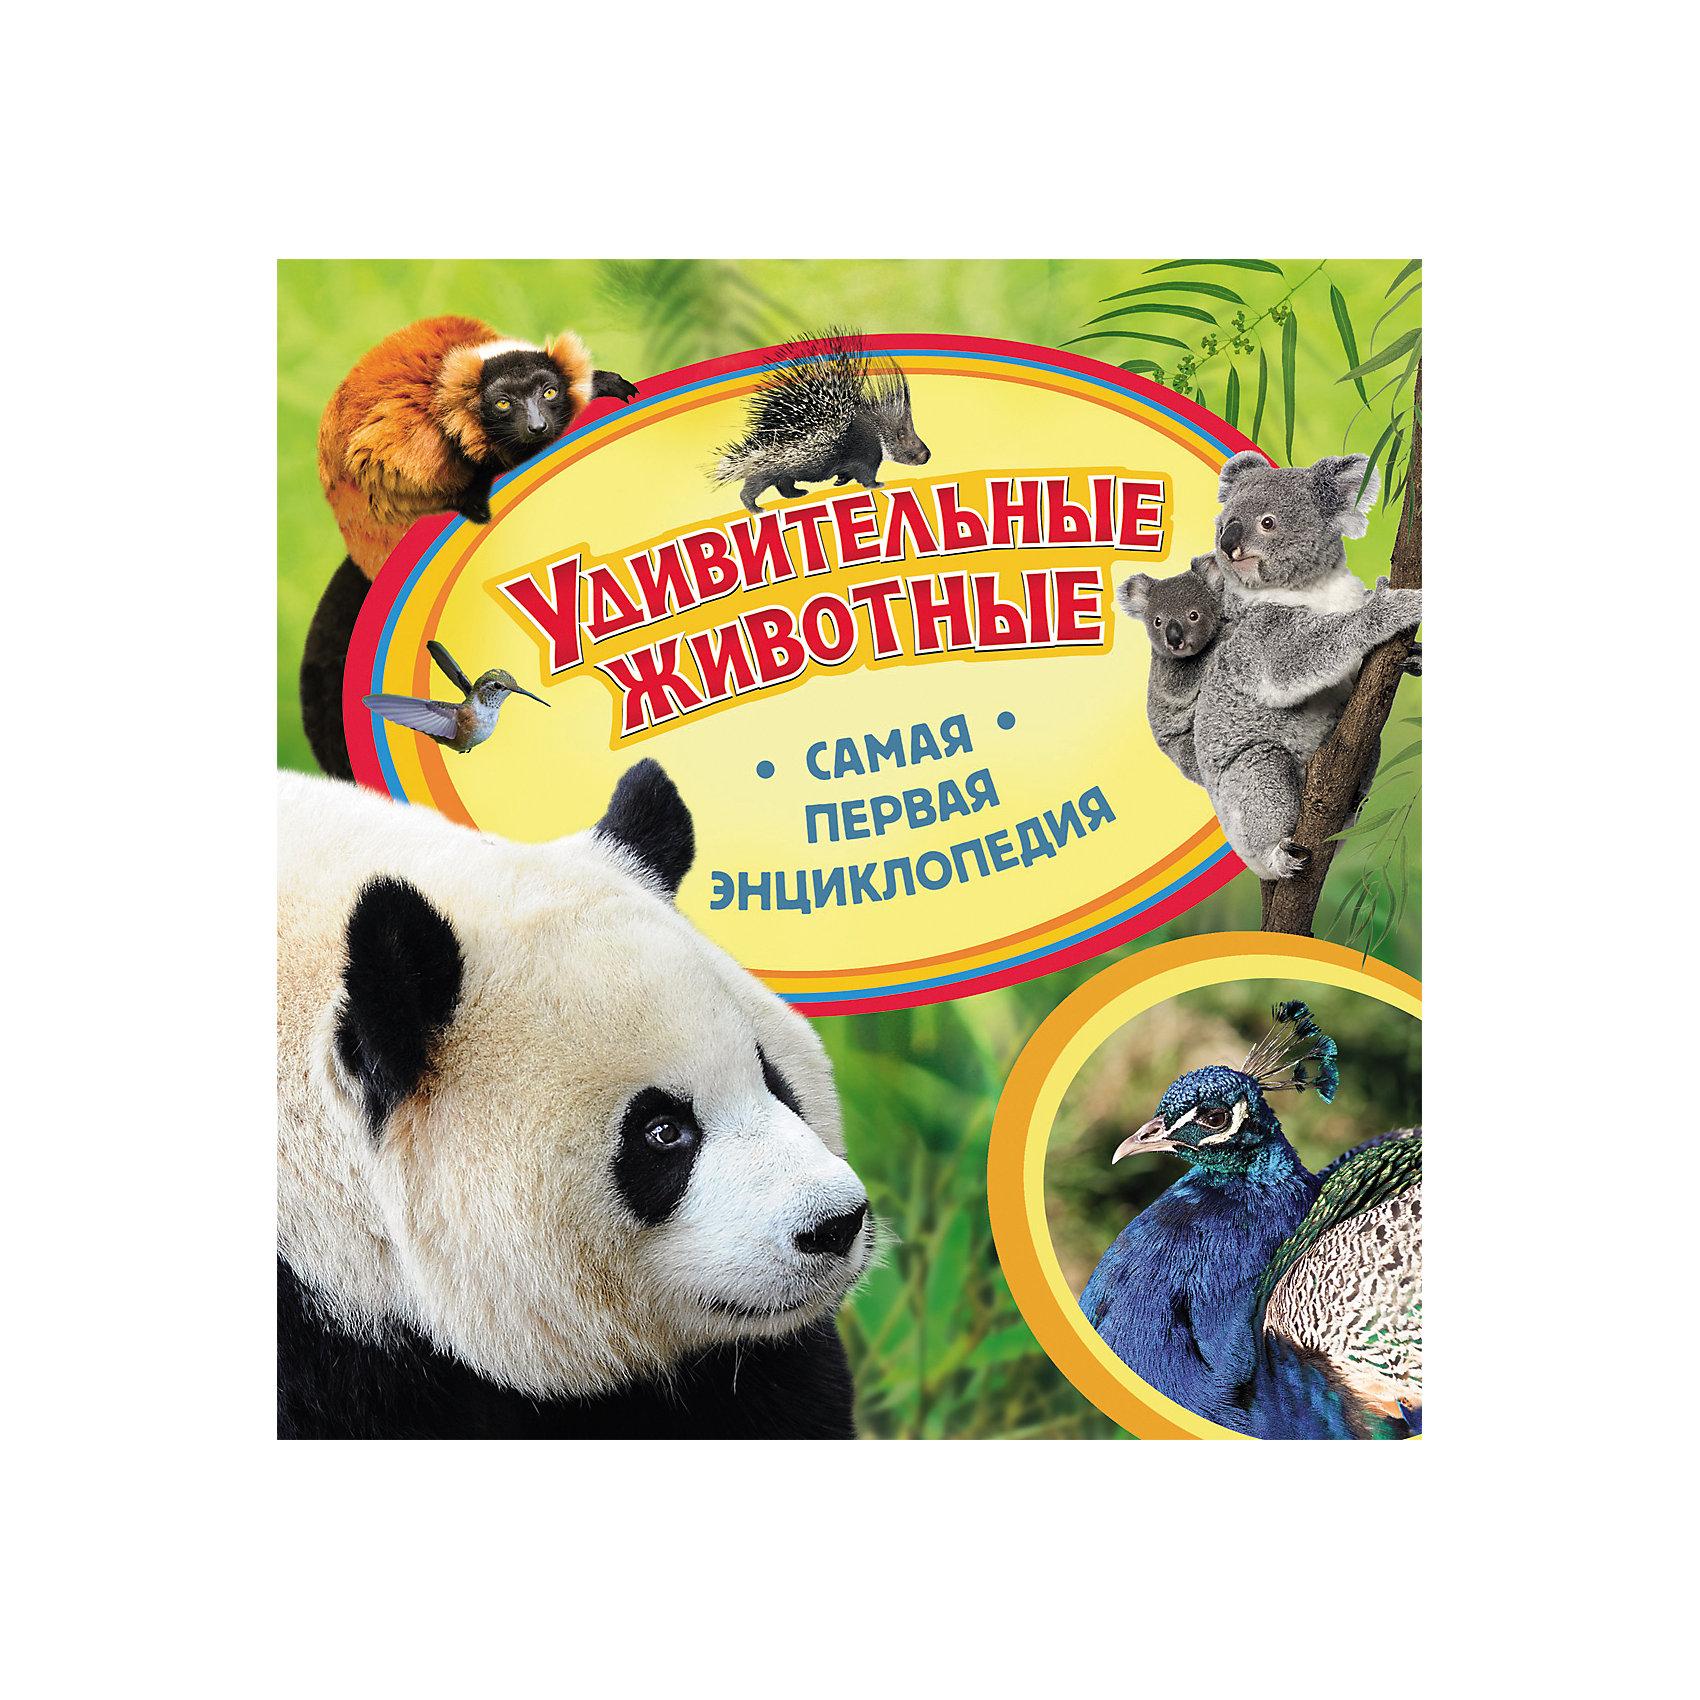 Самая первая энциклопедия Удивительные животныеЭнциклопедии о животных<br>Самая первая энциклопедия Удивительные животные <br><br>Характеристики:<br><br>- издательство Росмэн<br>- количество страниц: 36<br>- формат: 23 * 0,8 * 23 см.<br>- Тип обложки: 7Бц – твердая целлофинированная<br>- Иллюстрации: цветные<br>- вес: 300 гр.<br><br>Книга Удивительные животные из серии Самая первая энциклопедия придет по вкусу как любителям серии, так и новичкам. Эта детская книга включает в себя множество цветных иллюстраций, которые делают информацию в книге интересной, наглядной и запоминающейся. Книга расскажет о самых интересных видах животных от самых маленьких птичек колибри до горбатых верблюдов пустынь. Вопросы почемучки теперь решать легче с помощью этой книги. Энциклопедия поможет малышу узнать мир больше, расширить кругозор и словарный запас. <br><br>Самую первую энциклопедию Удивительные животные можно купить в нашем интернет-магазине.<br><br>Ширина мм: 225<br>Глубина мм: 225<br>Высота мм: 6<br>Вес г: 298<br>Возраст от месяцев: 36<br>Возраст до месяцев: 72<br>Пол: Унисекс<br>Возраст: Детский<br>SKU: 5109712